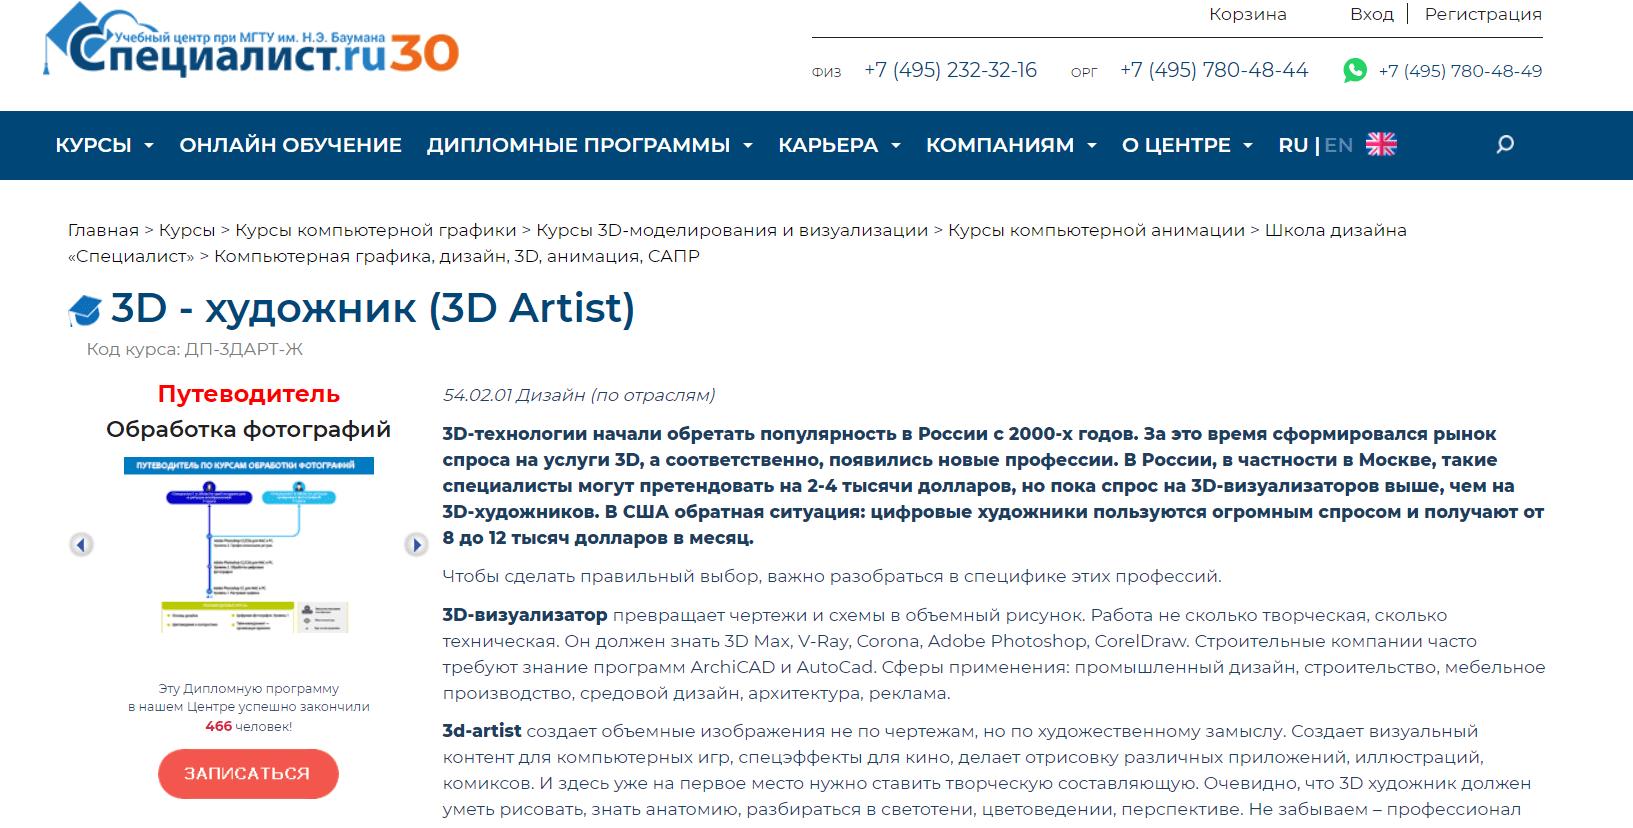 курсы 3D-моделированию